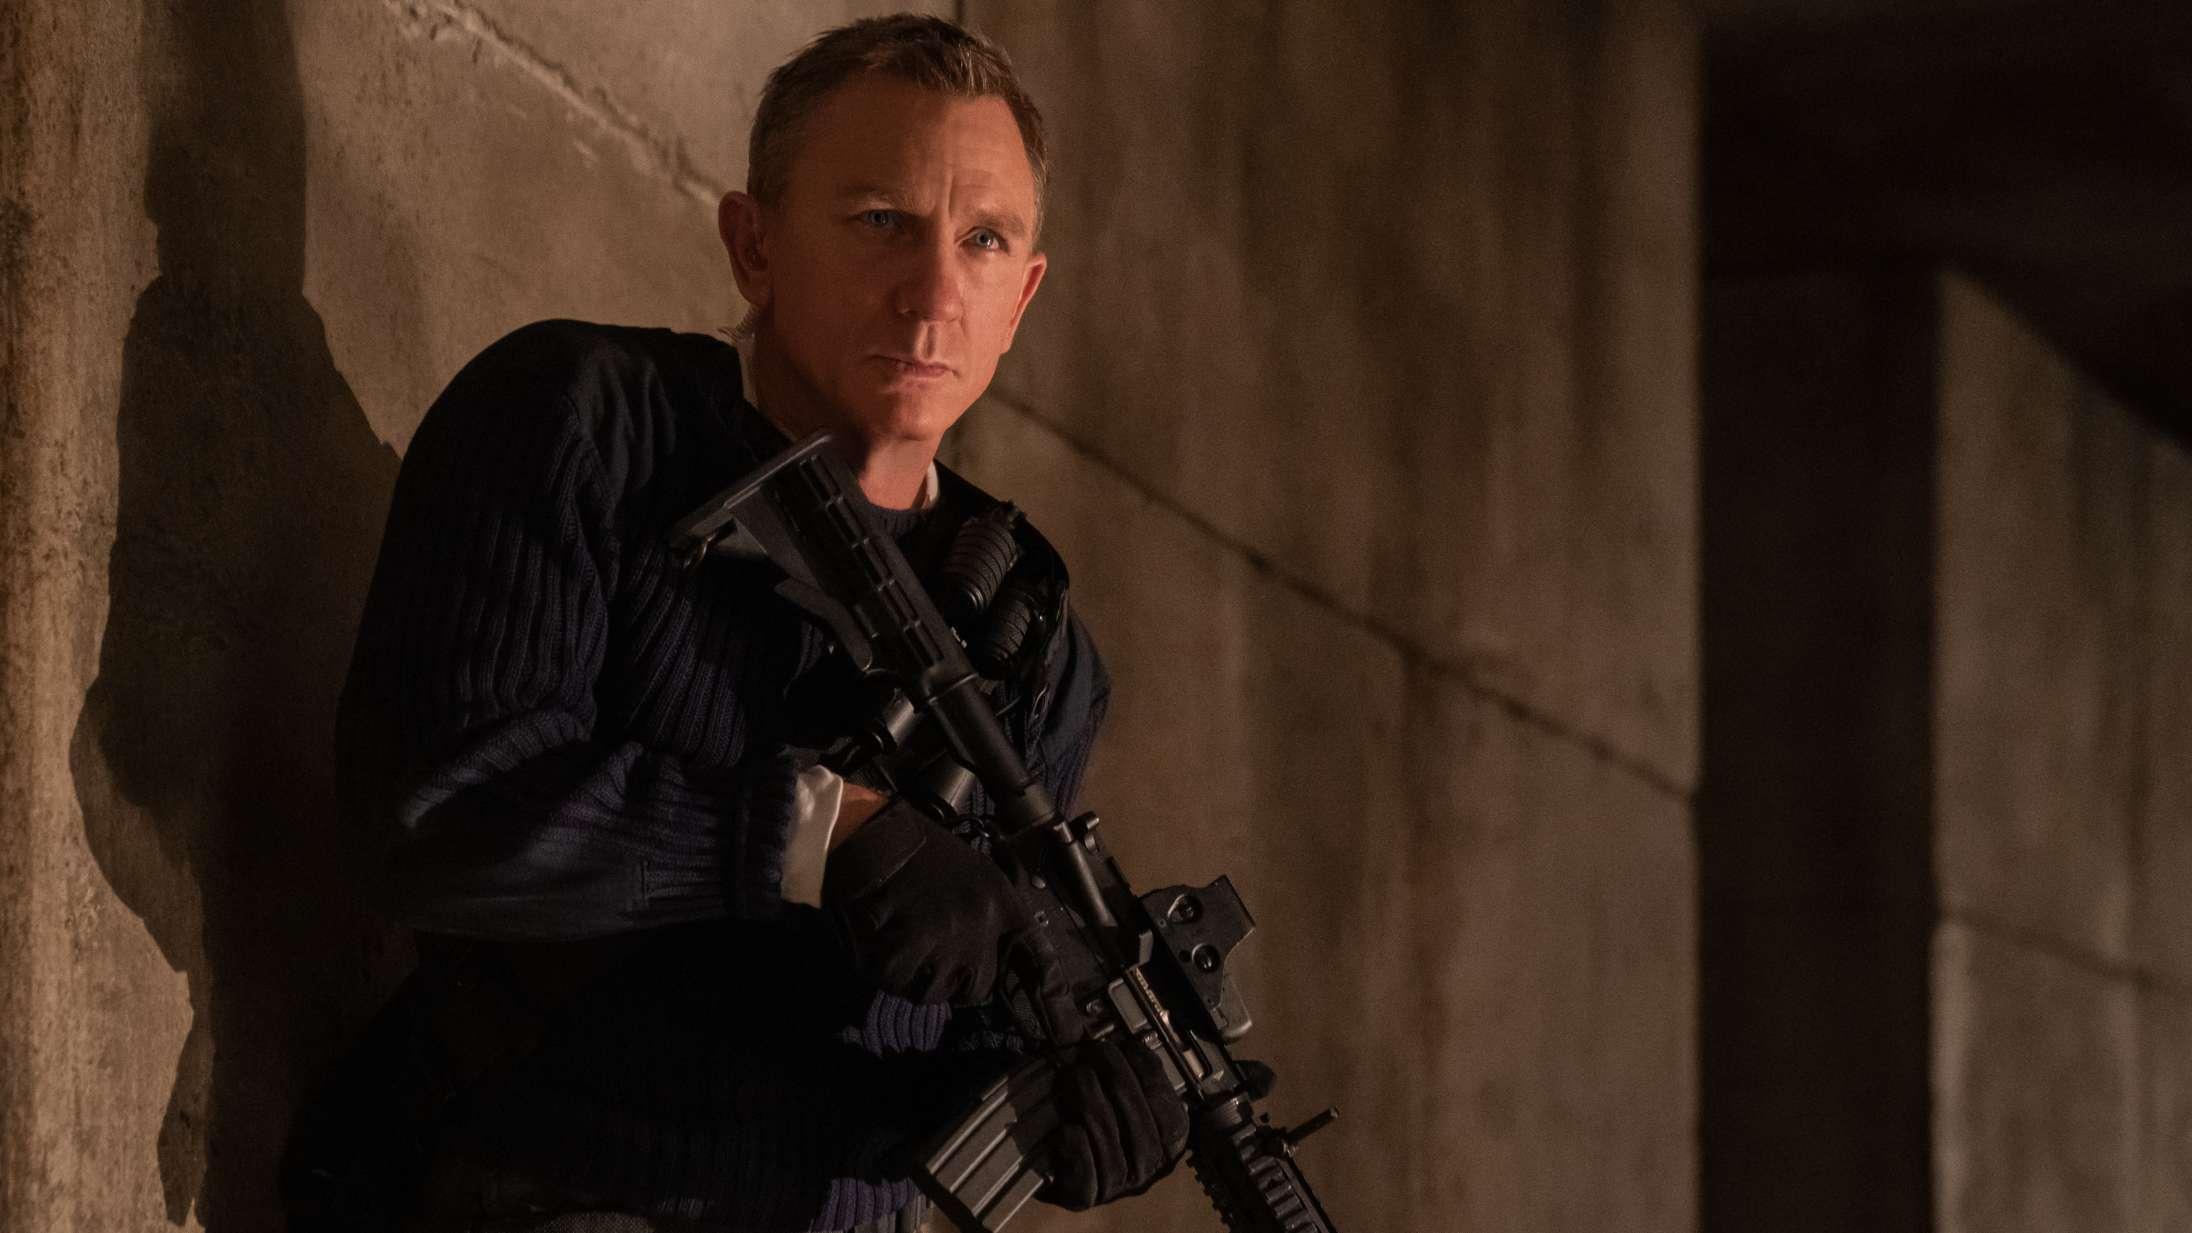 'No Time To Die': Daniel Craigs 007-svanesang har mere hjerte end nogen tidligere Bond-film